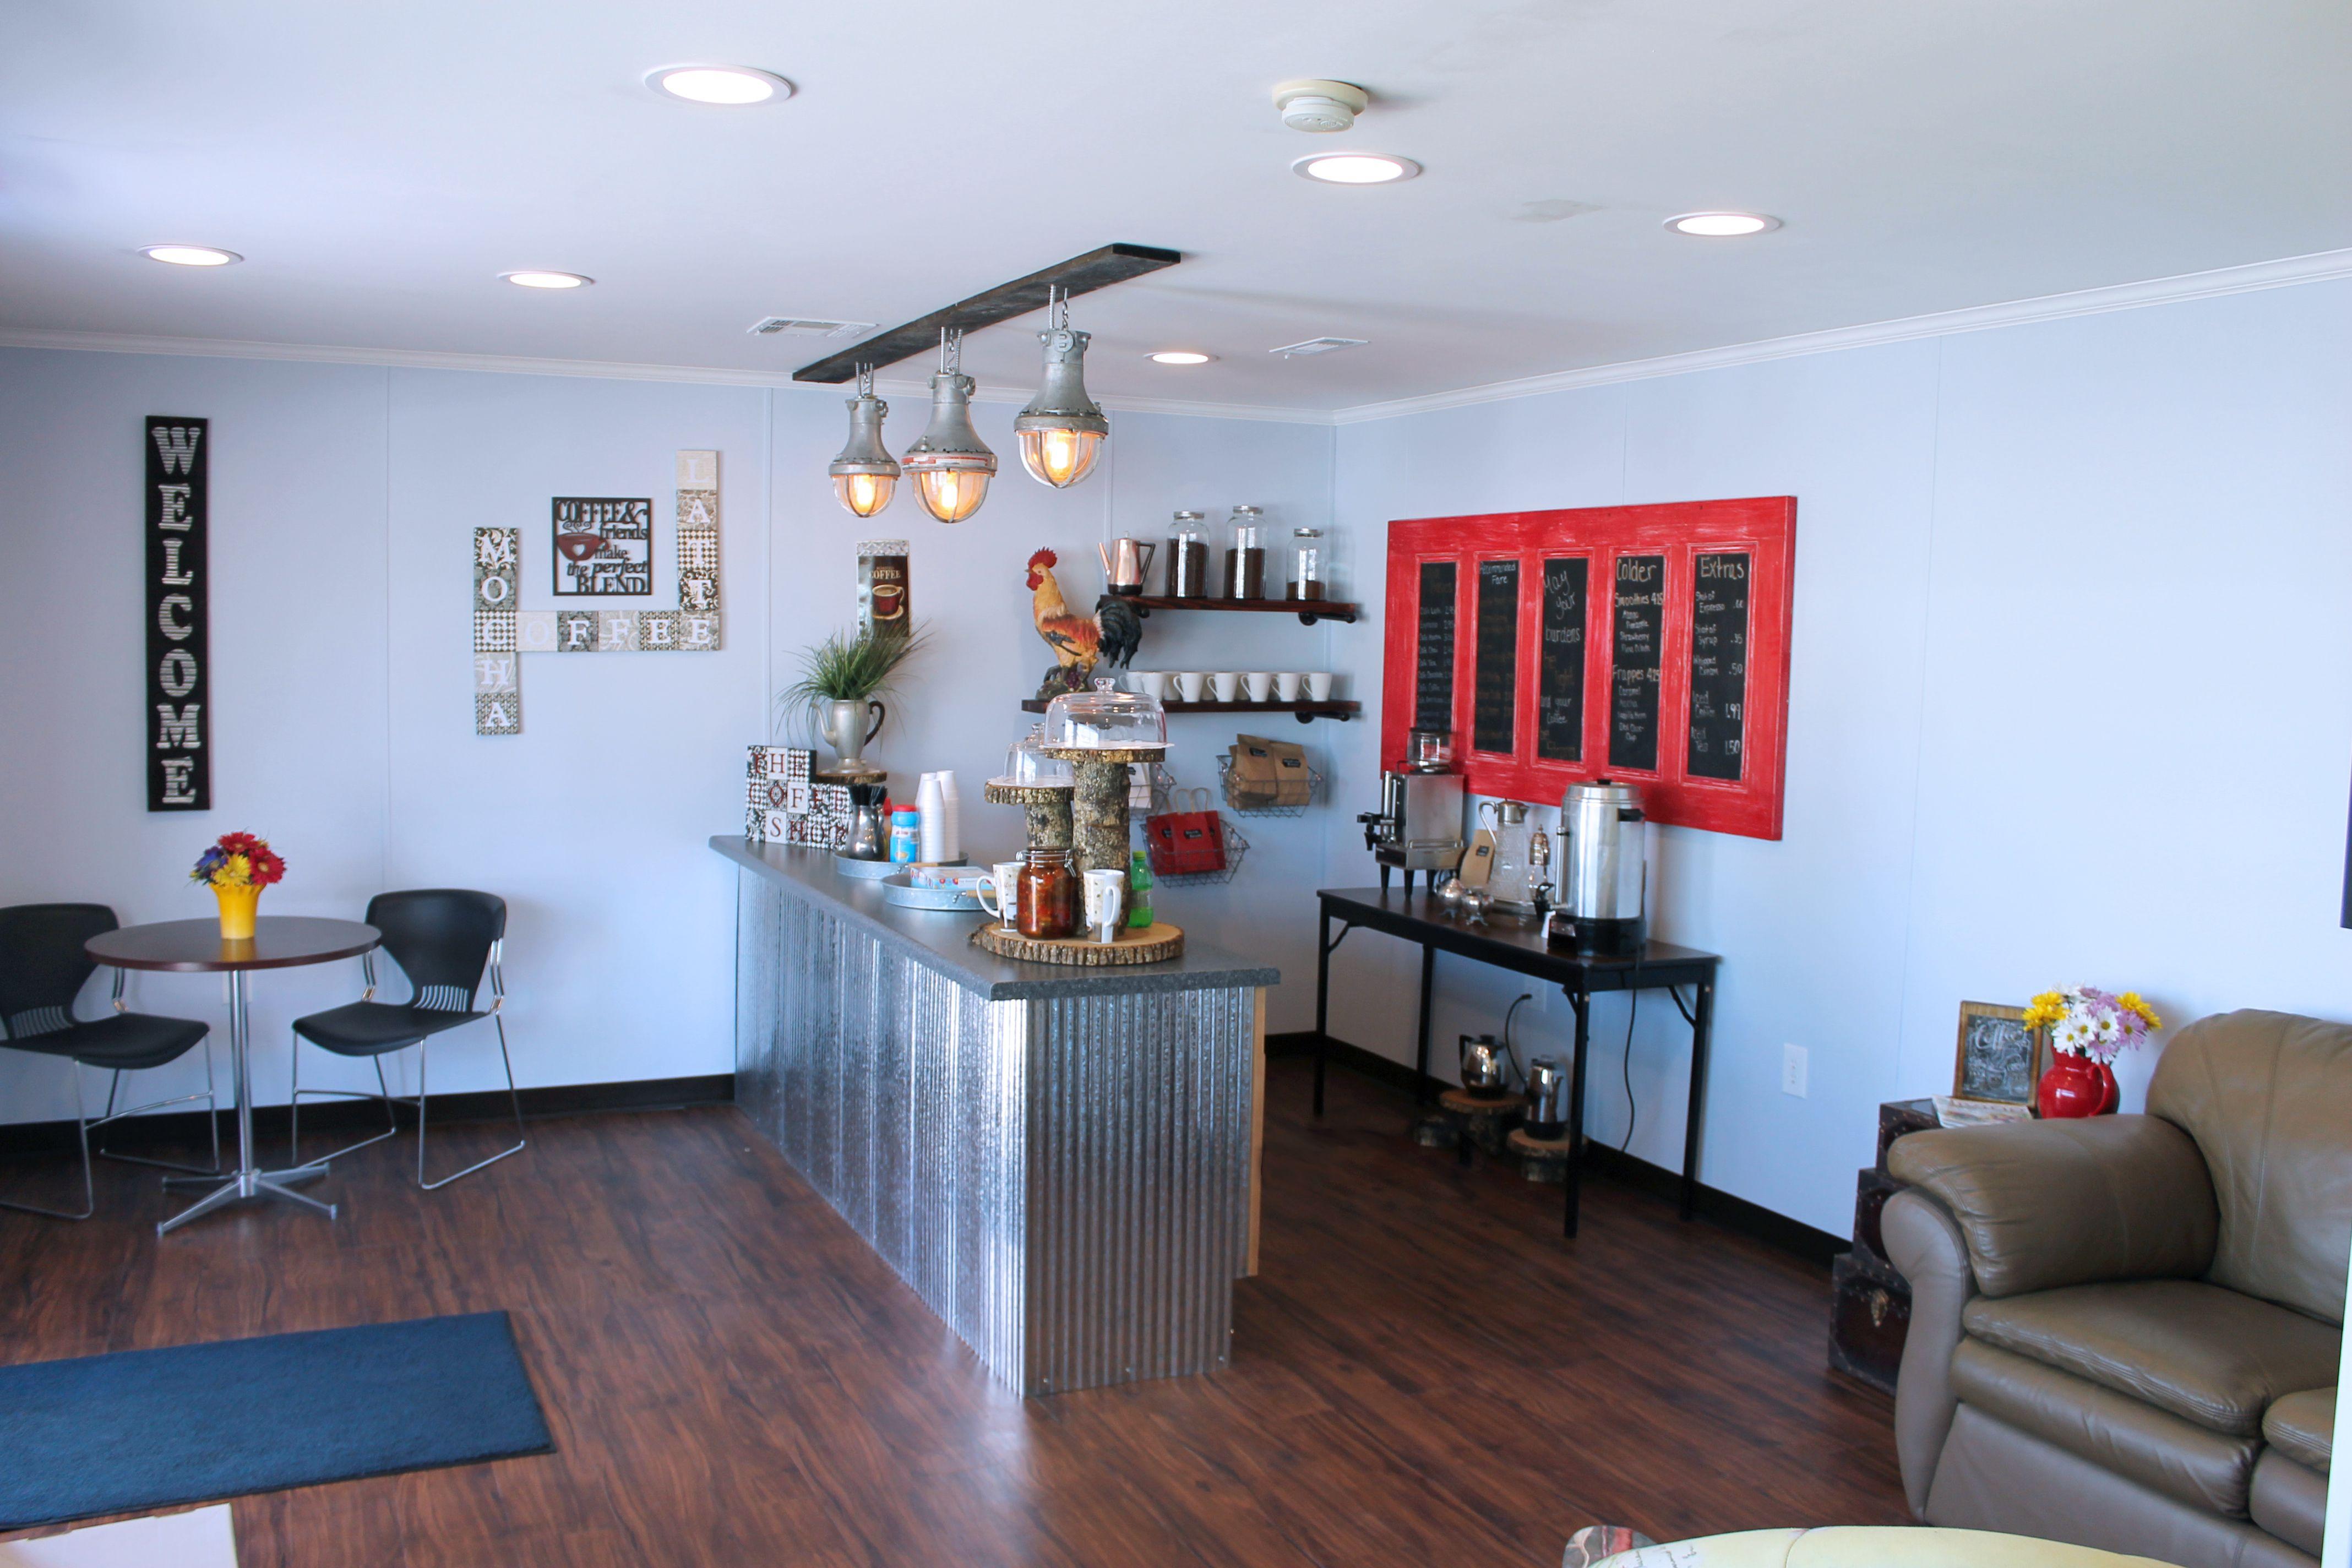 commercial modular coffee shop interior design